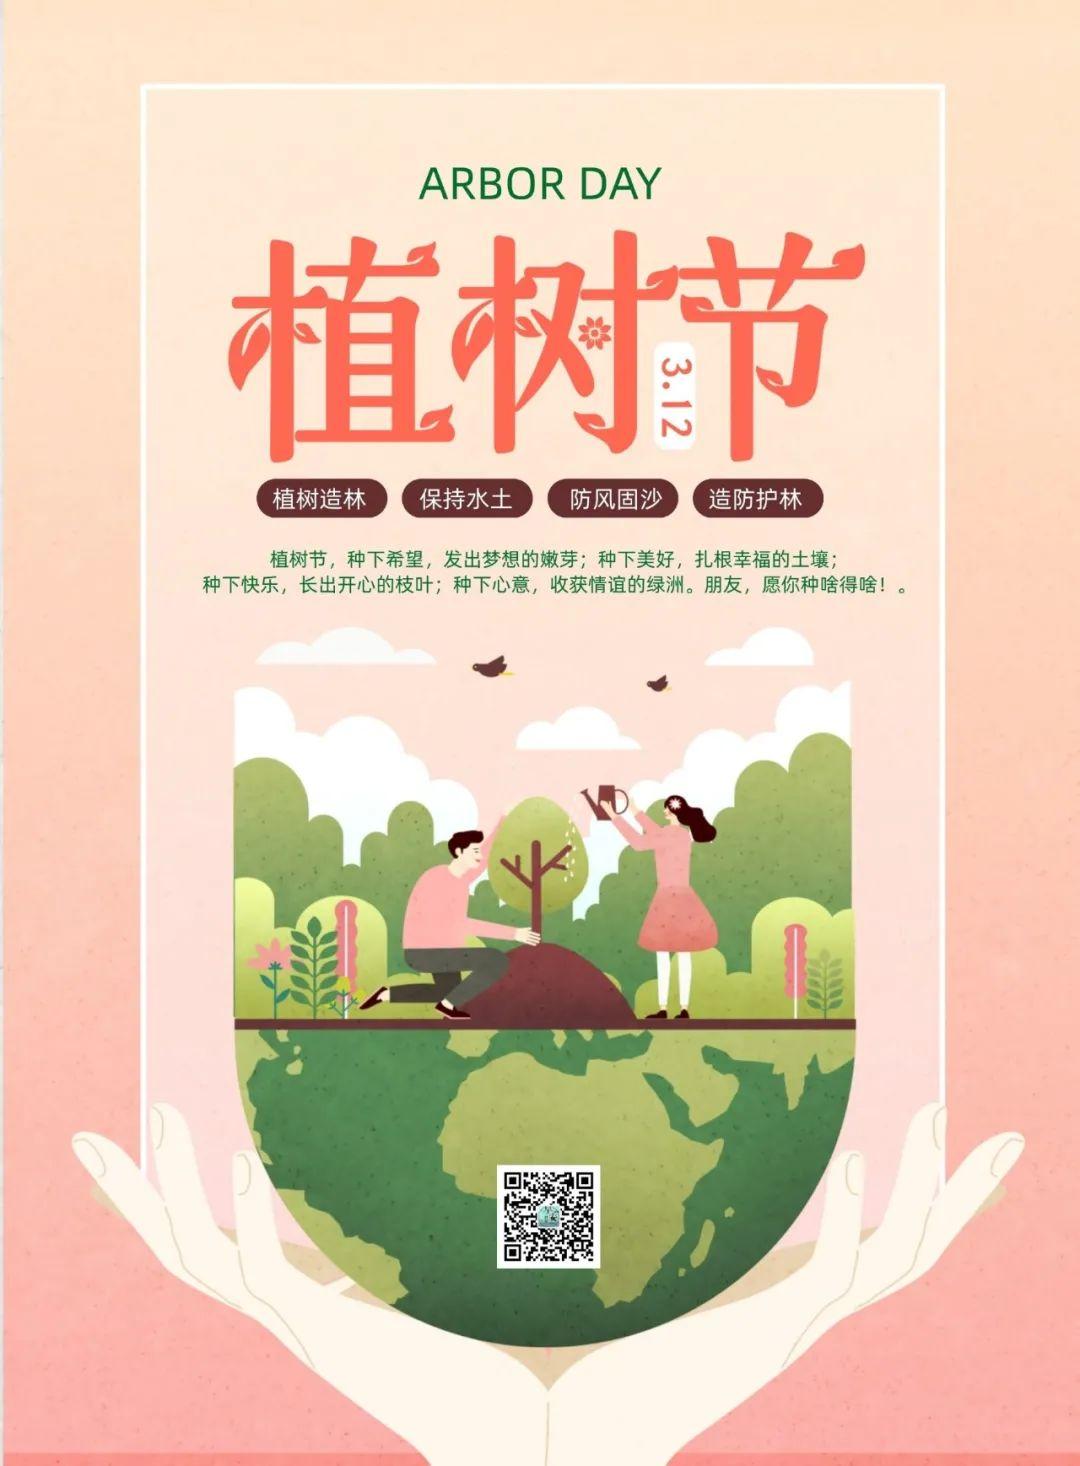 3月12日朋友圈植树节文案:大手拉小手,同栽一片绿!插图7